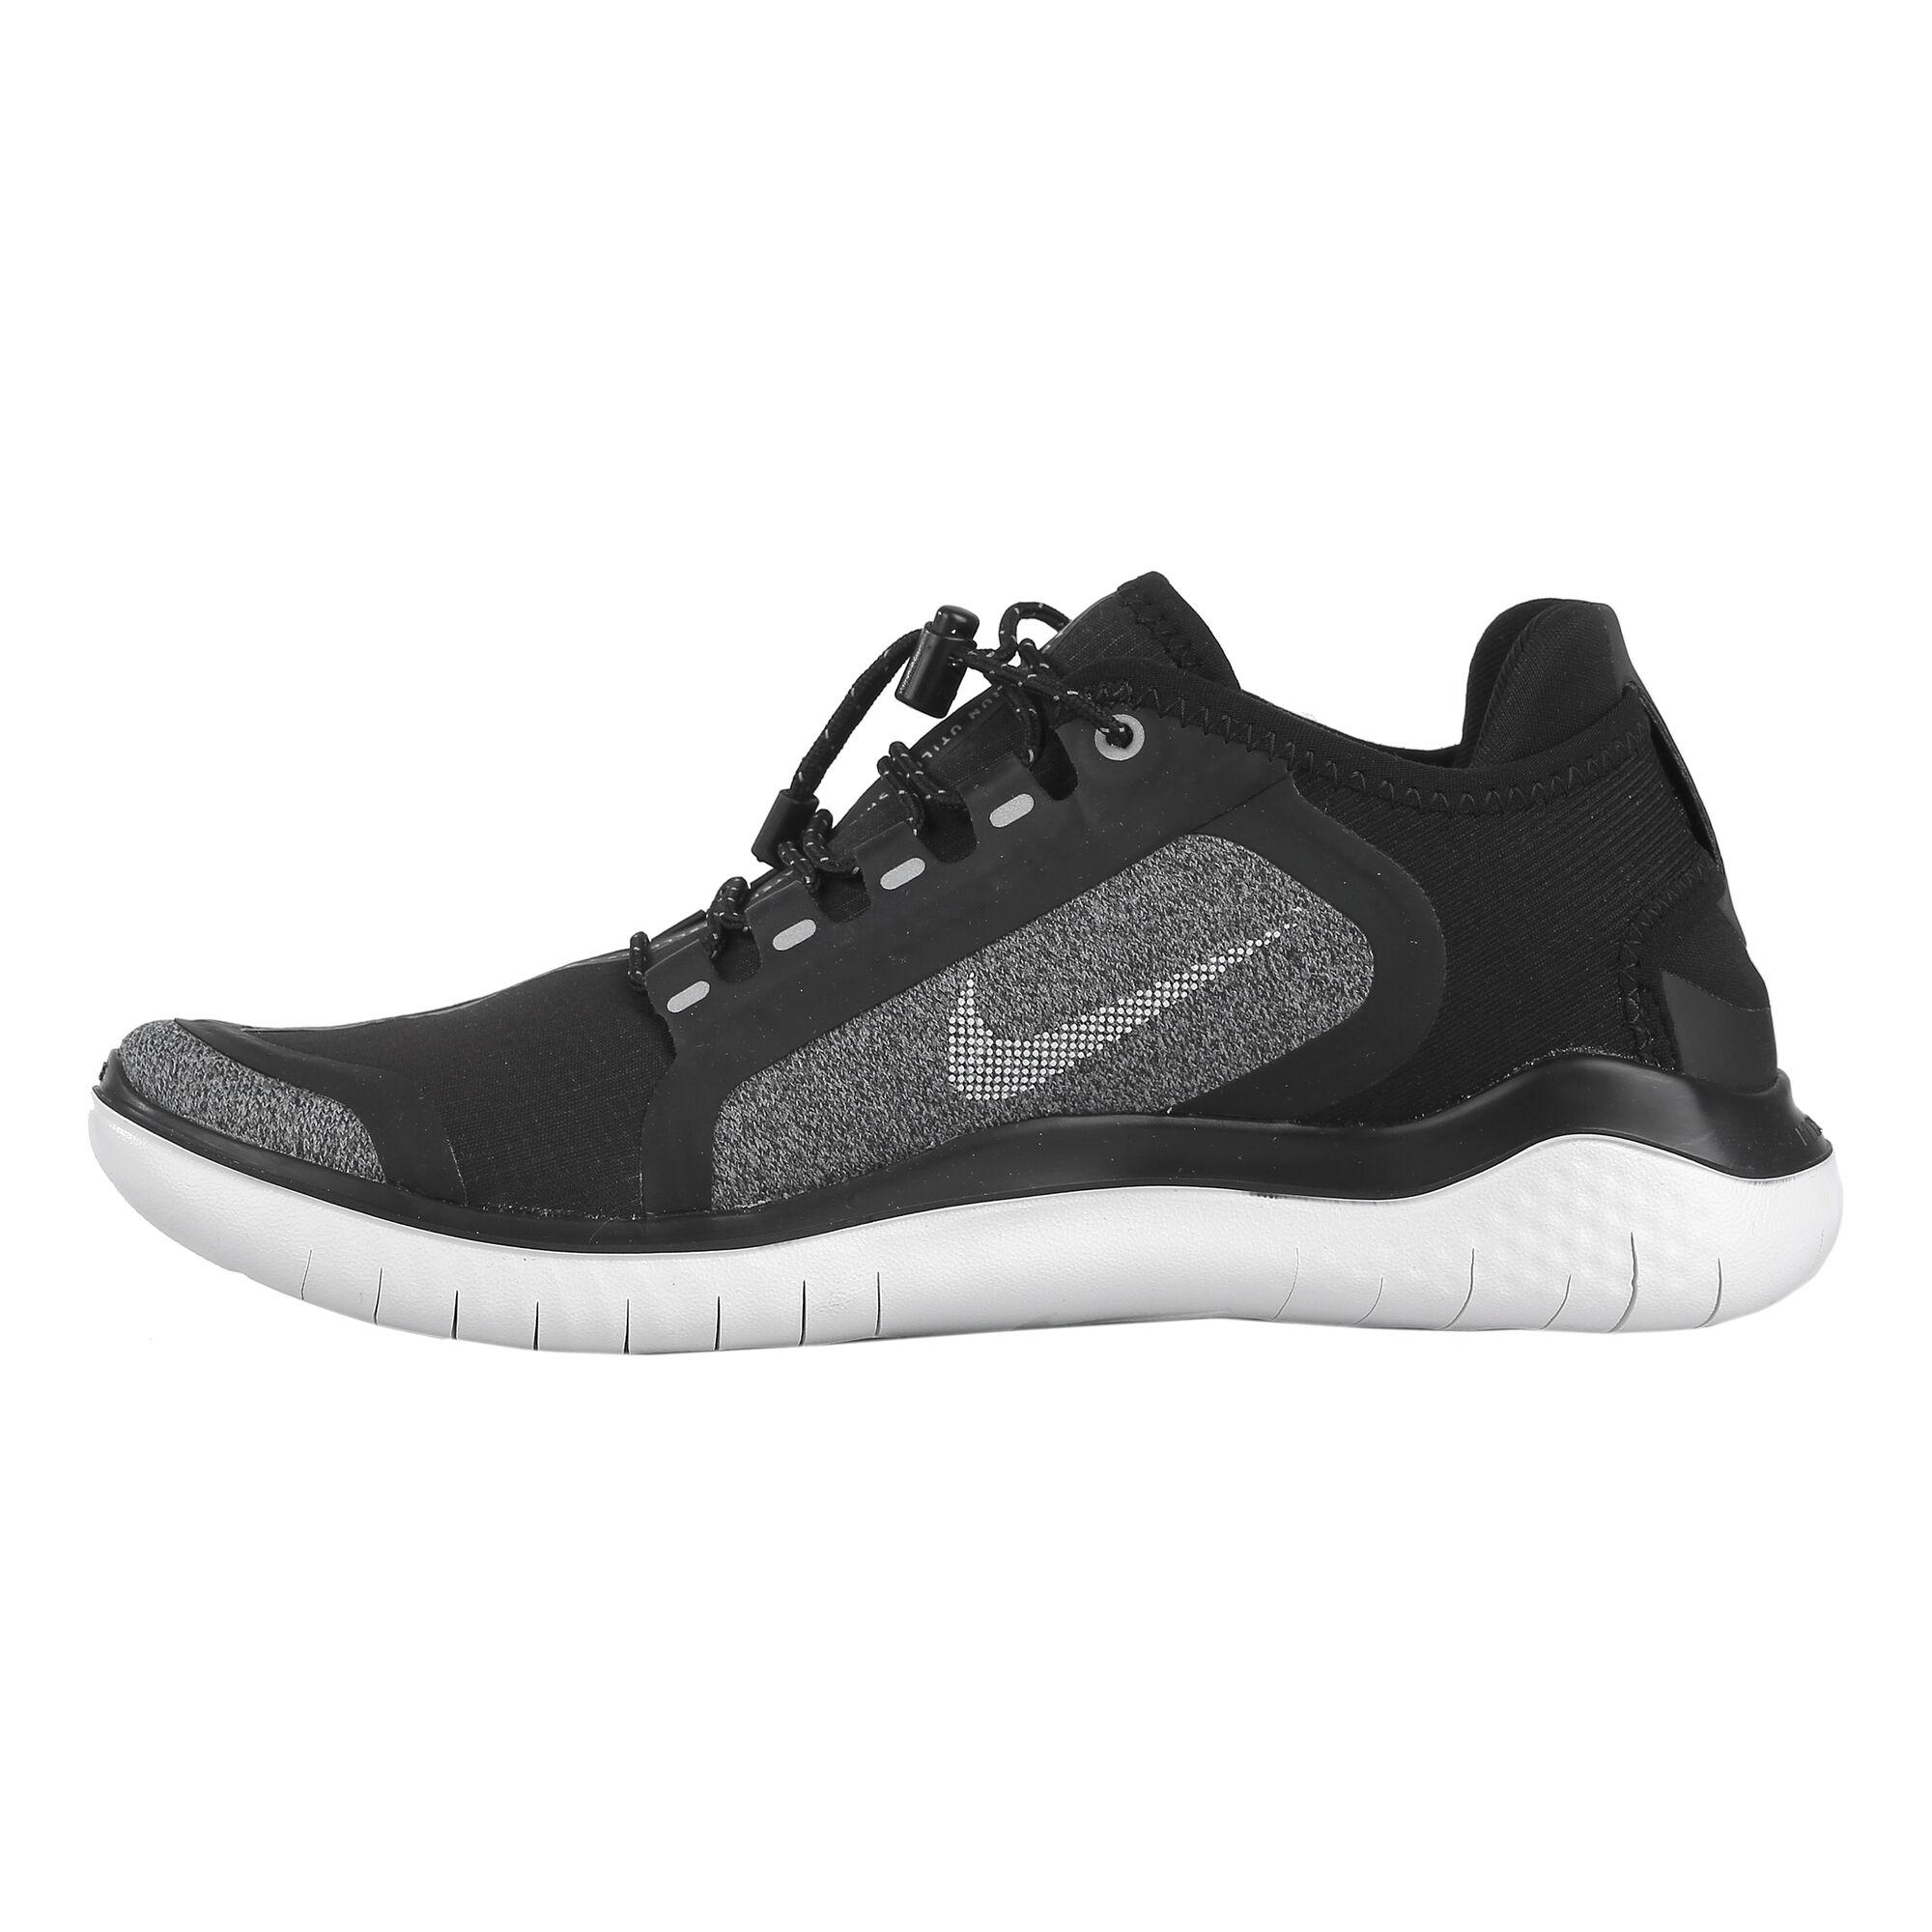 aee8ec342e8d7 Nike · Nike · Nike · Nike · Nike · Nike · Nike · Nike · Nike · Nike. Free  Run 2018 Shield Women ...